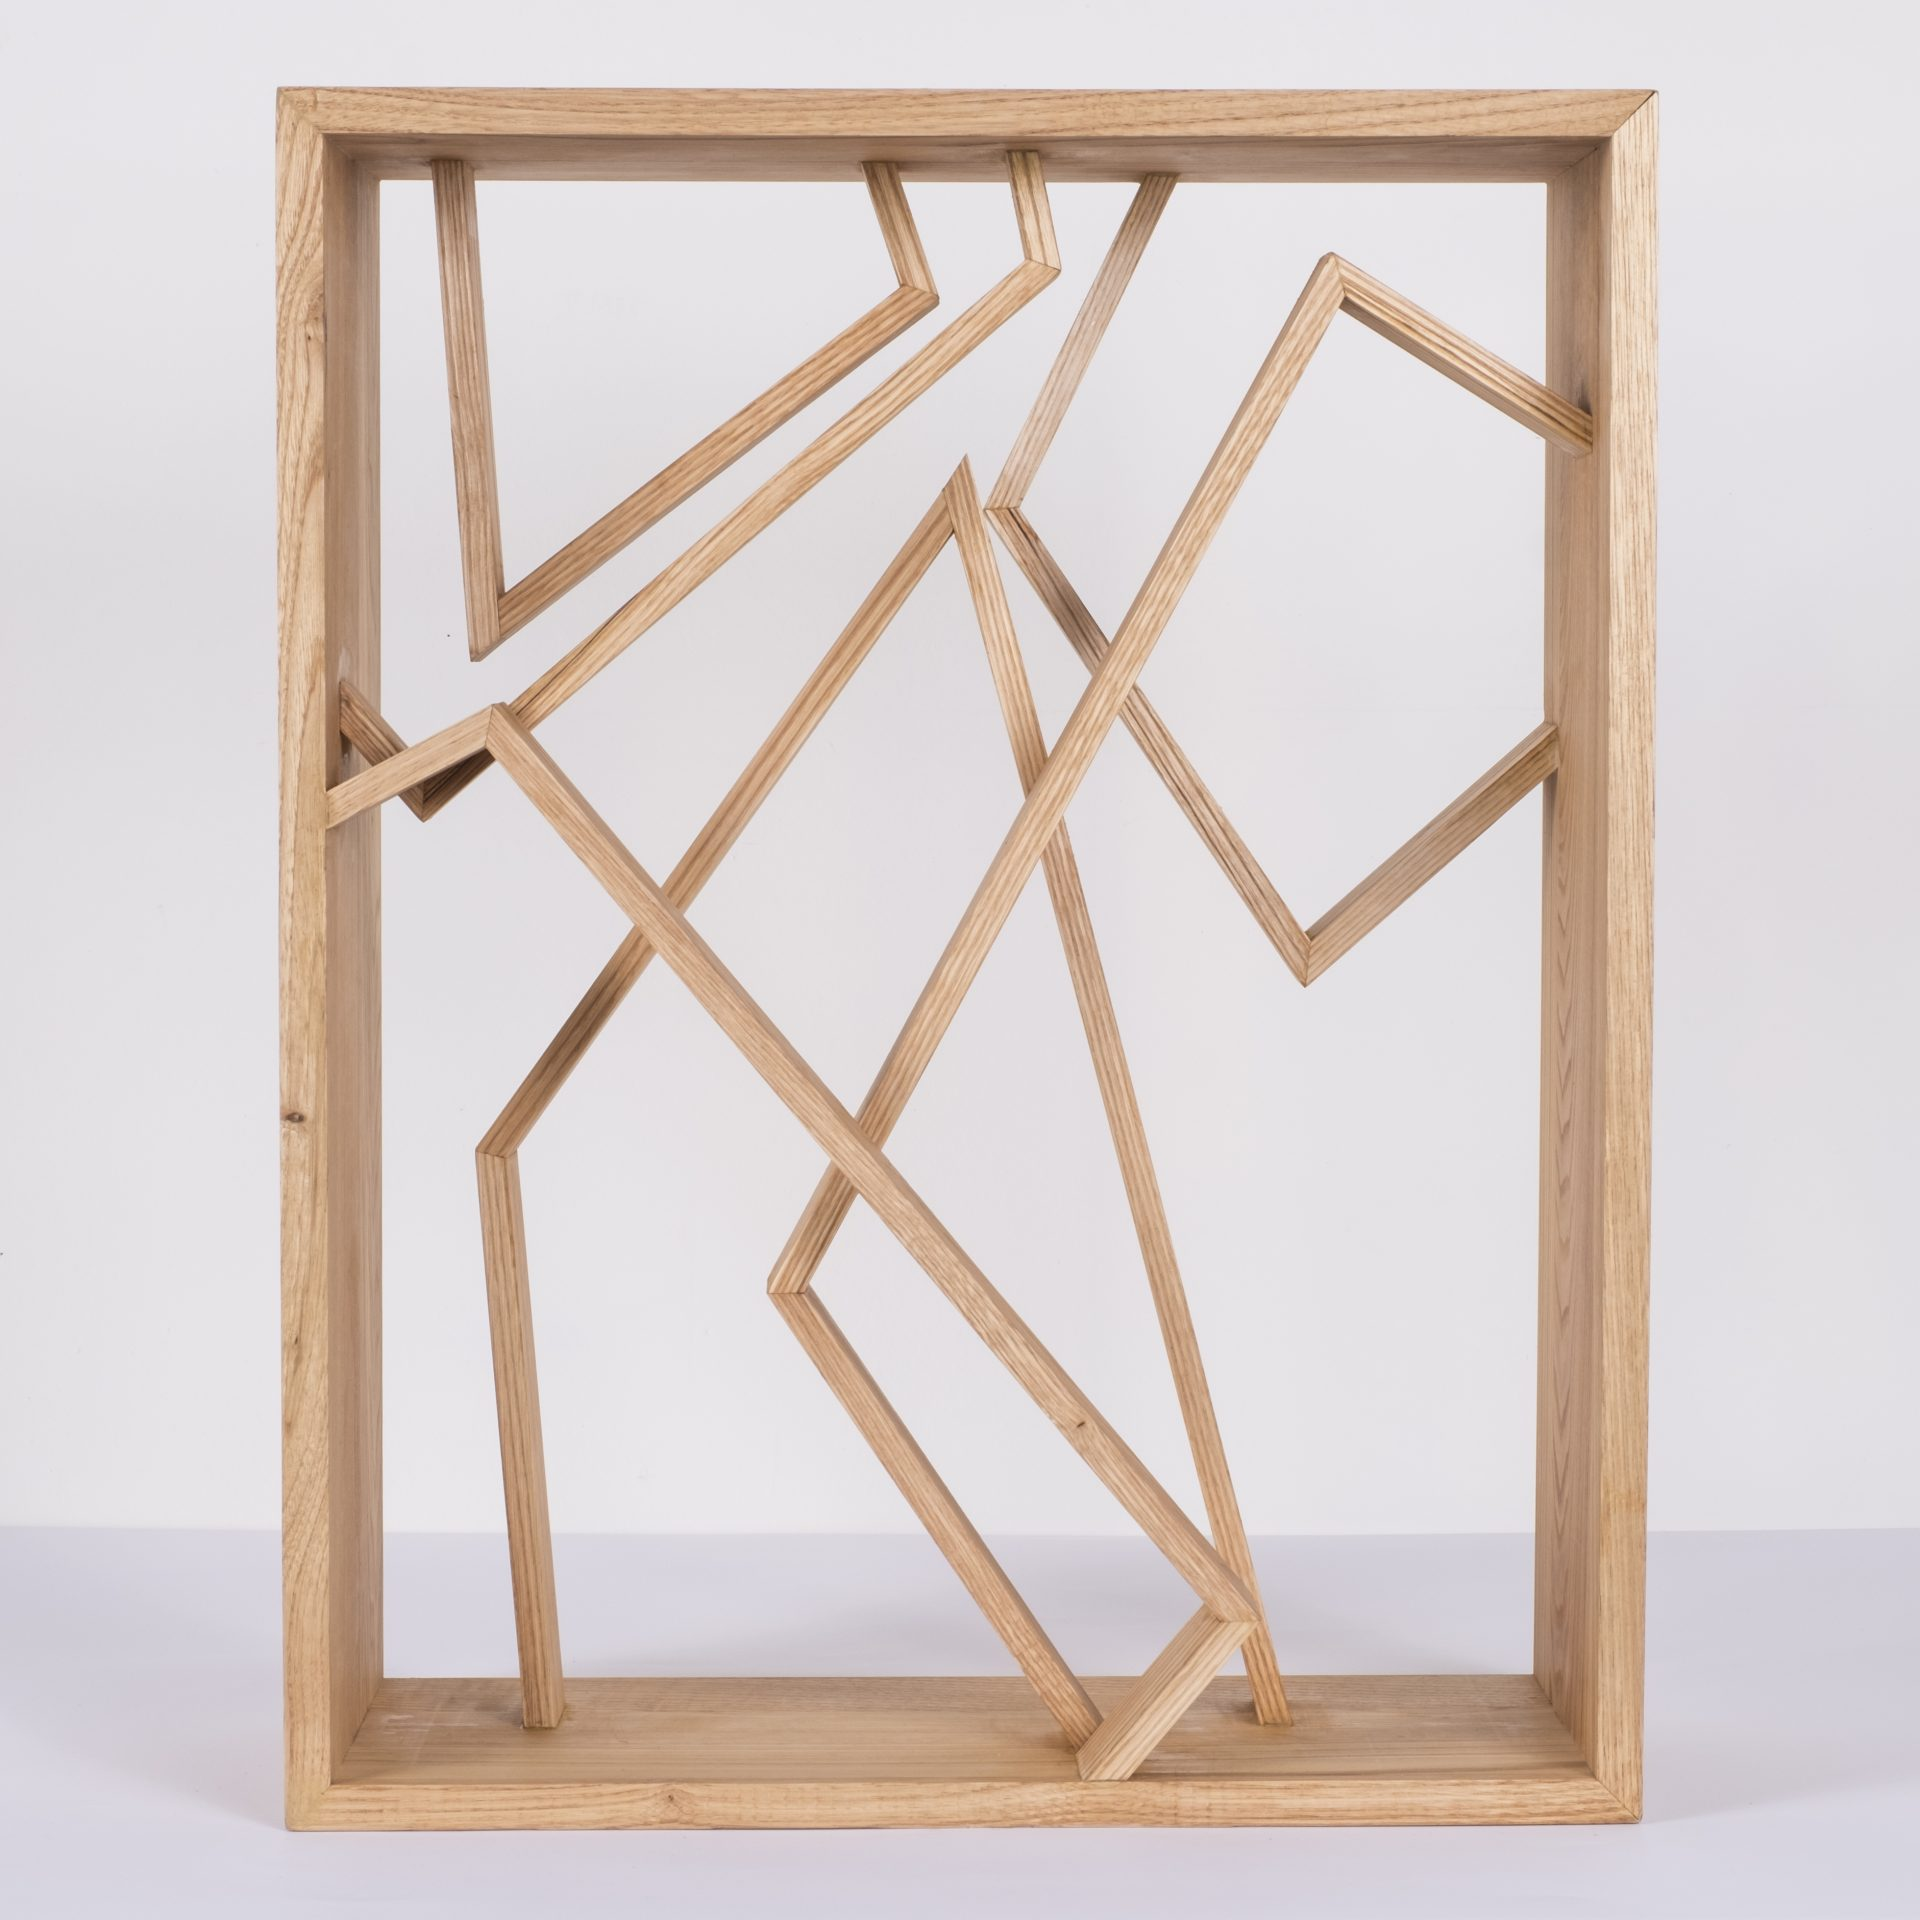 Unlimited in Dynamo<br>RMR25<br>misure: circa 44 x 56 cm<br>tecnica: legno castagno <br>anno: 2018<br>